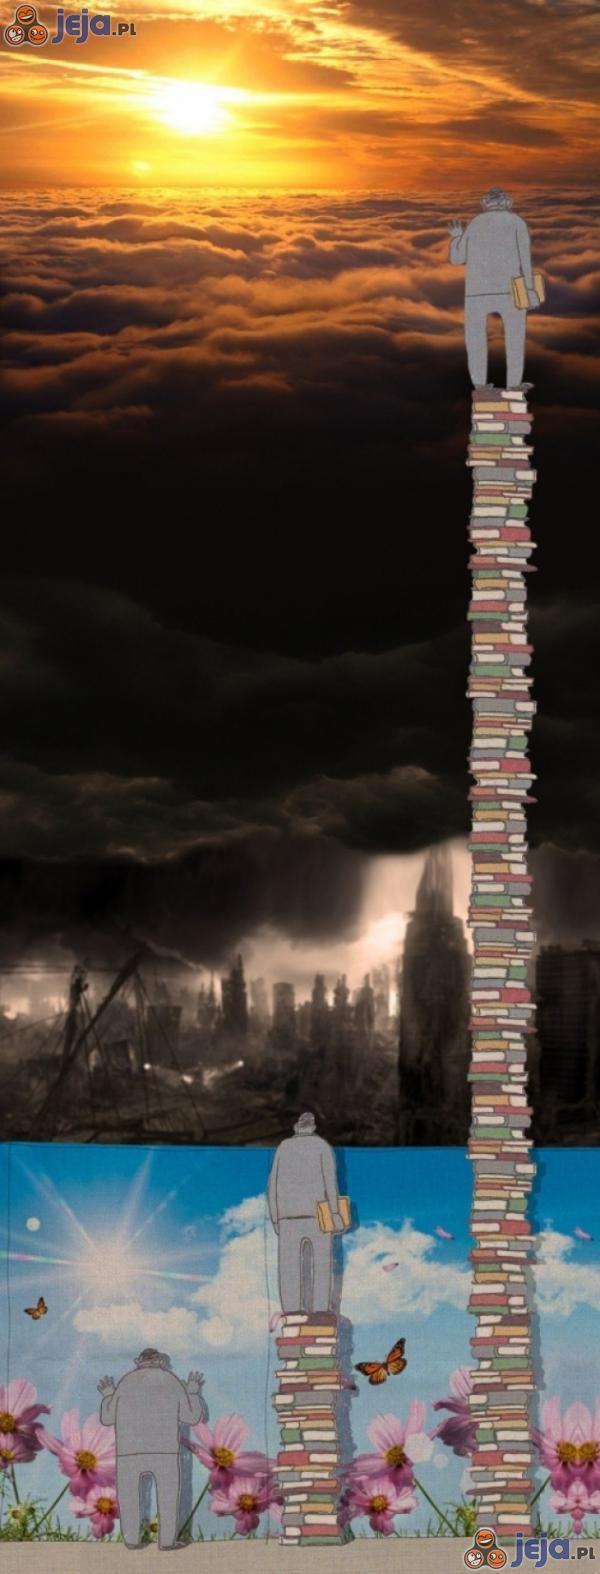 Czytajmy więcej książek!